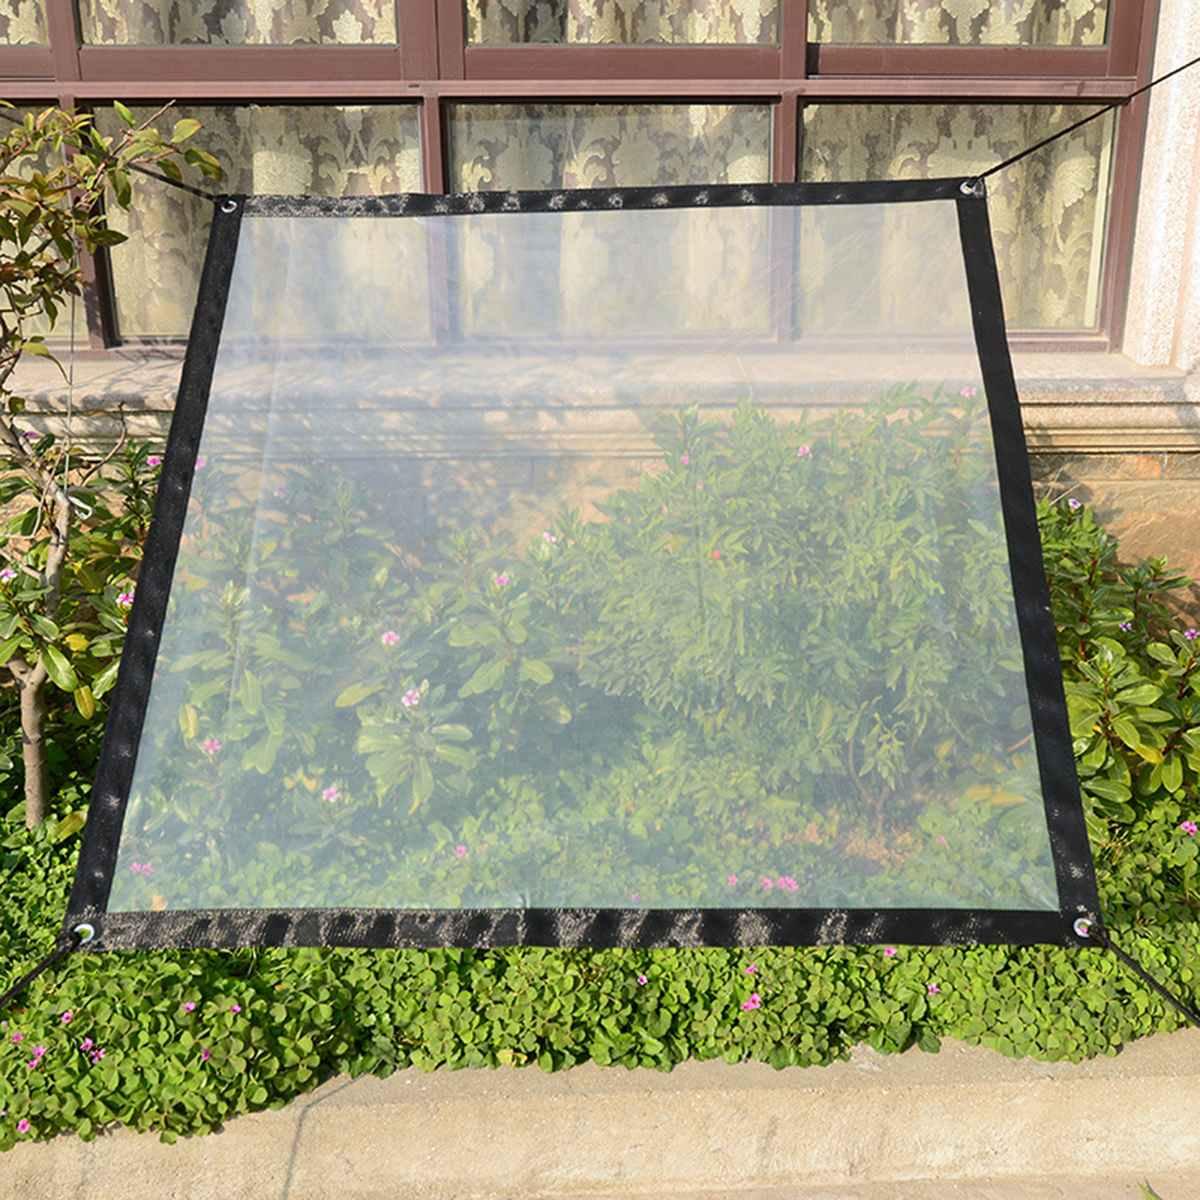 Прозрачная утолщенная непромокаемая палатка тент ткань Сад Балкон окно цветы Урожай теплица водонепроницаемая ткань брезент окантовка